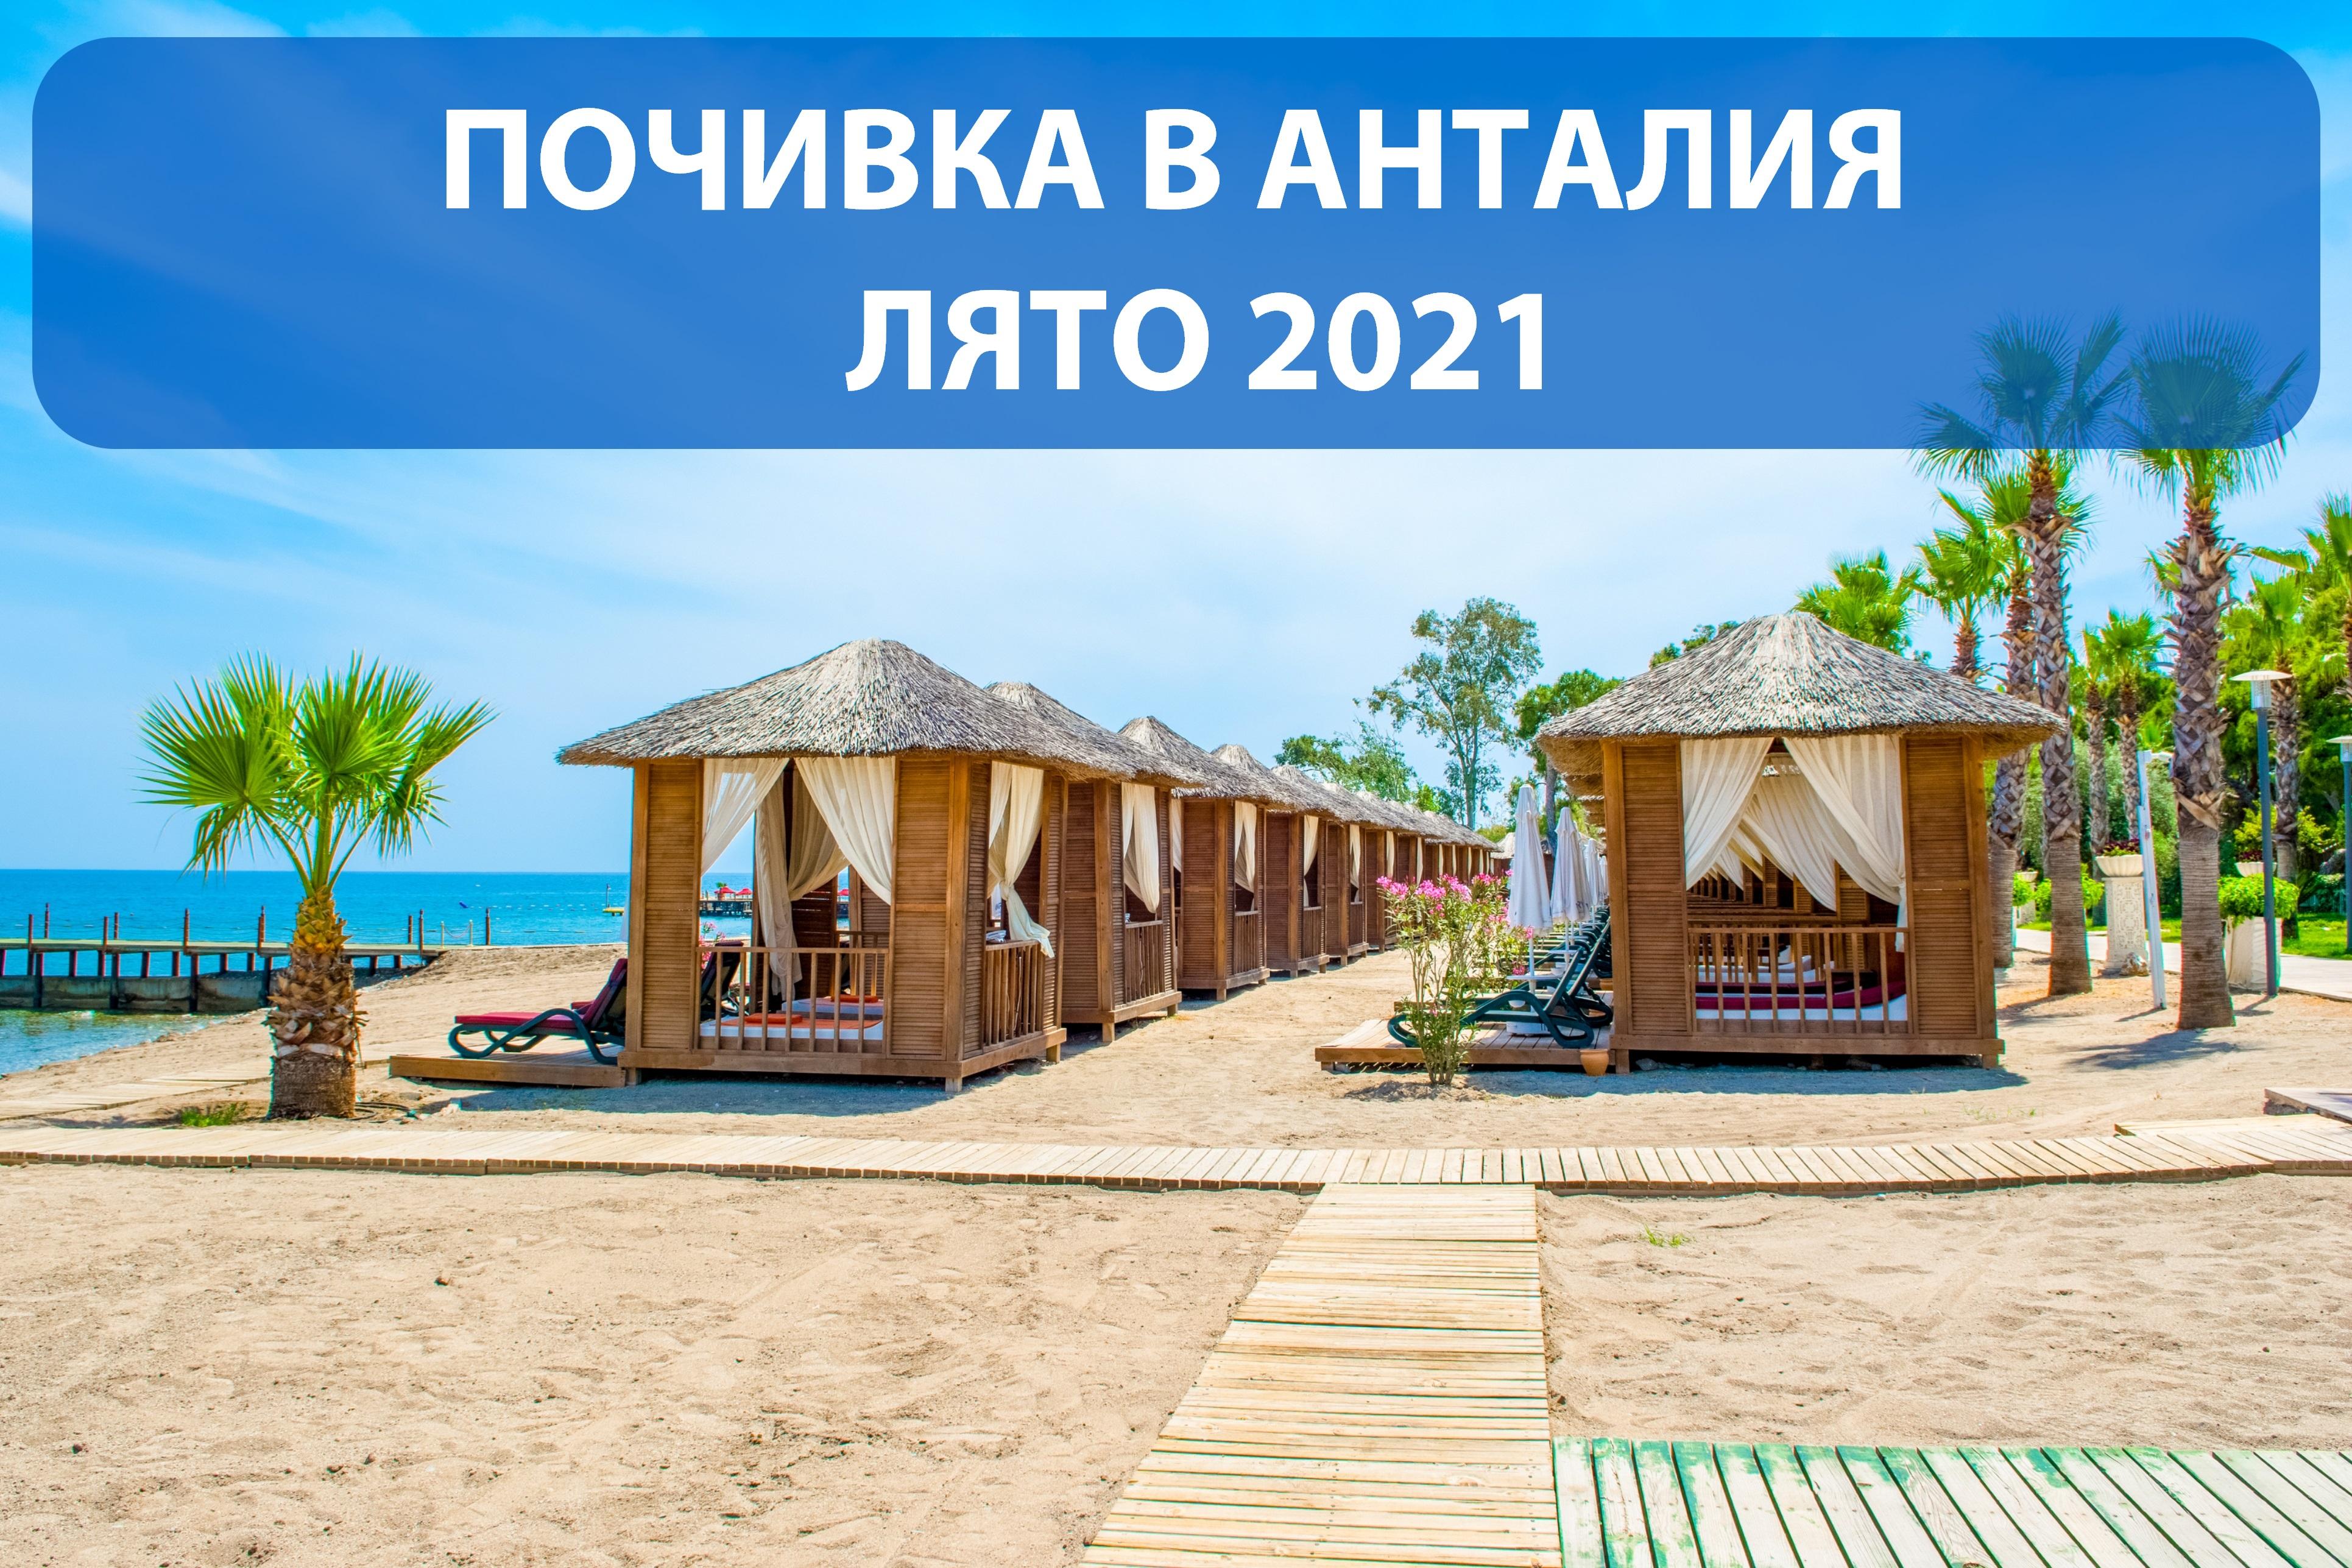 Почивка в Анталия, лято 2021 с TEZ TOUR